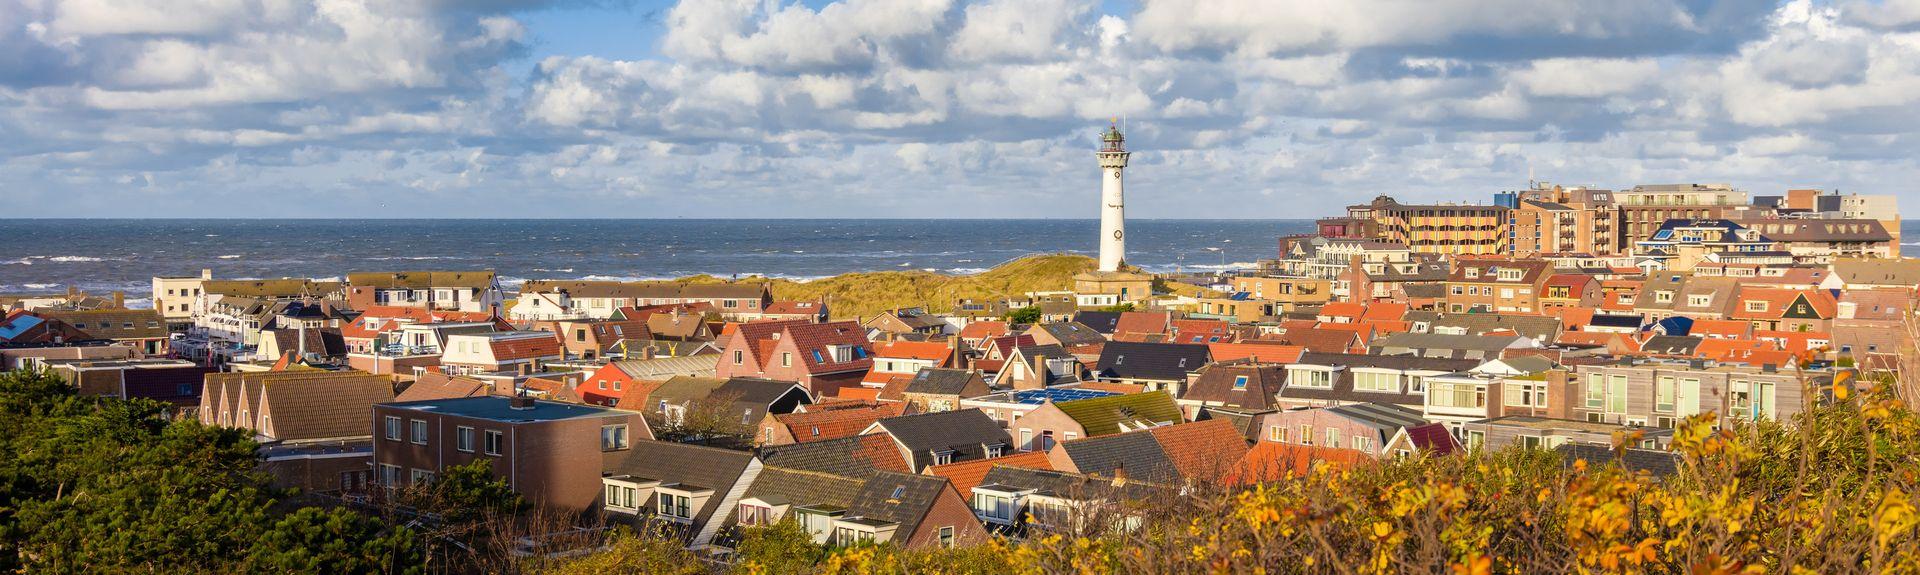 Egmond aan Zee, Holanda do Norte, Holanda